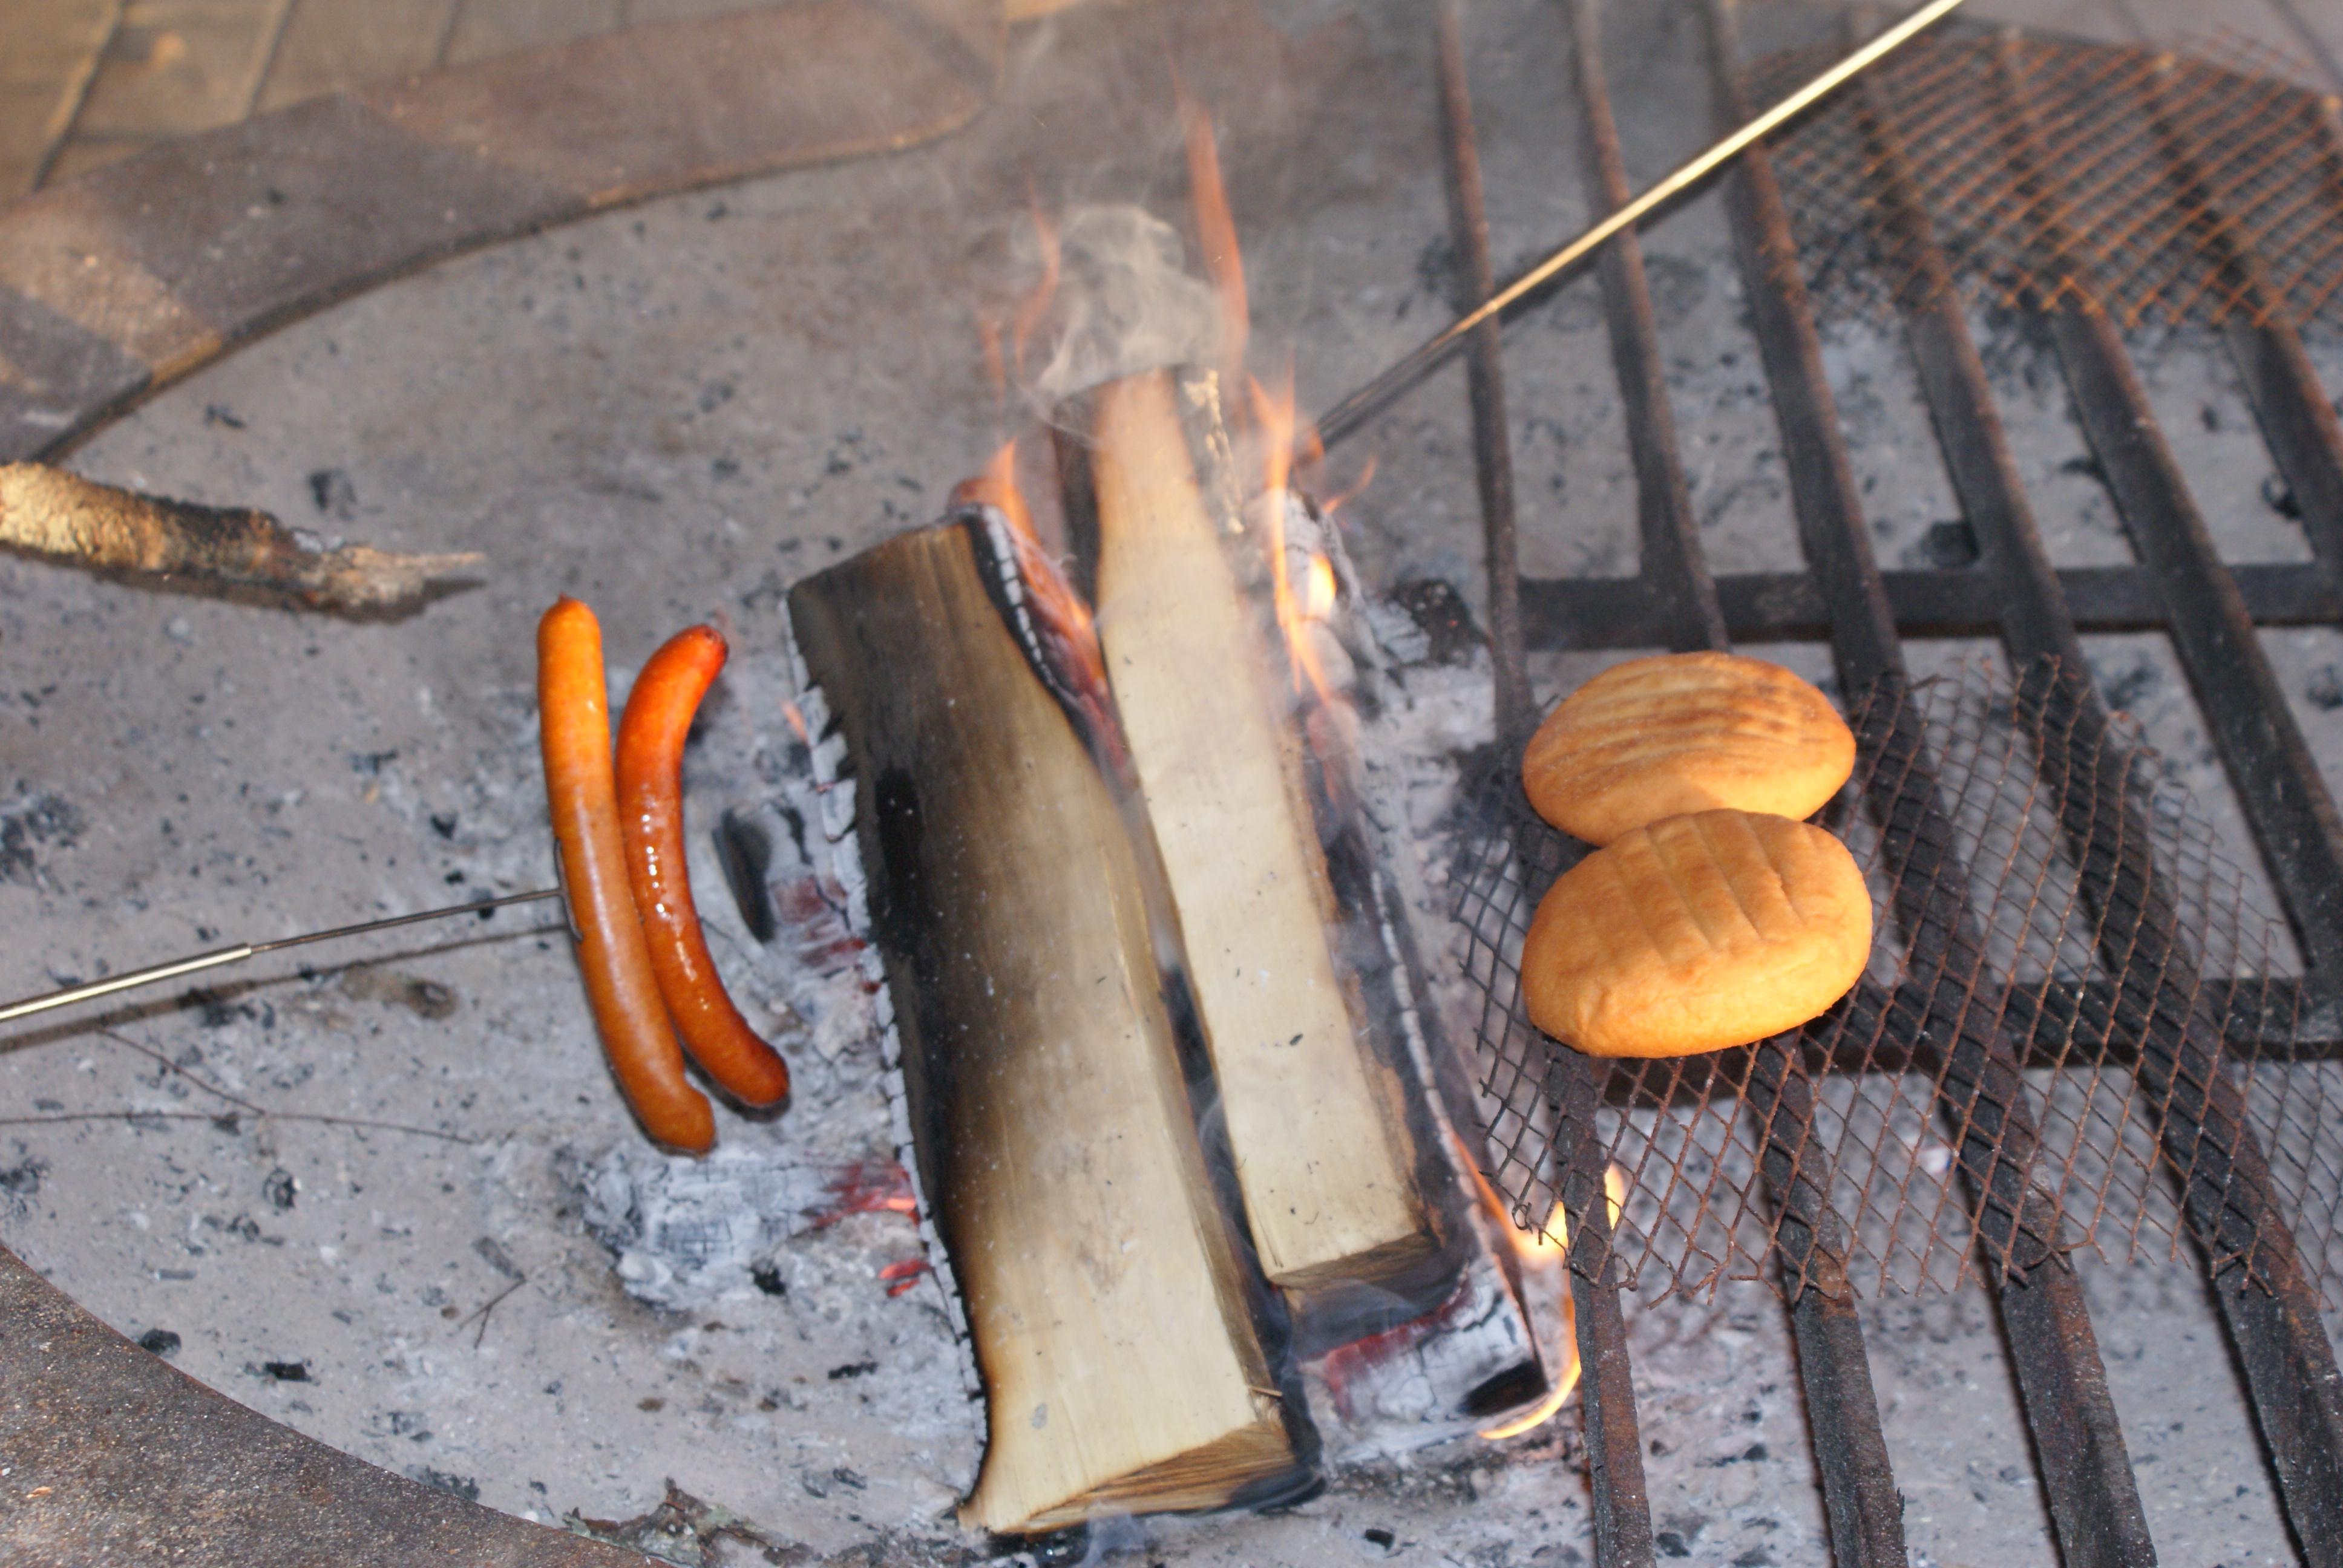 grillikatoksessa voi paistaa omia eväitä